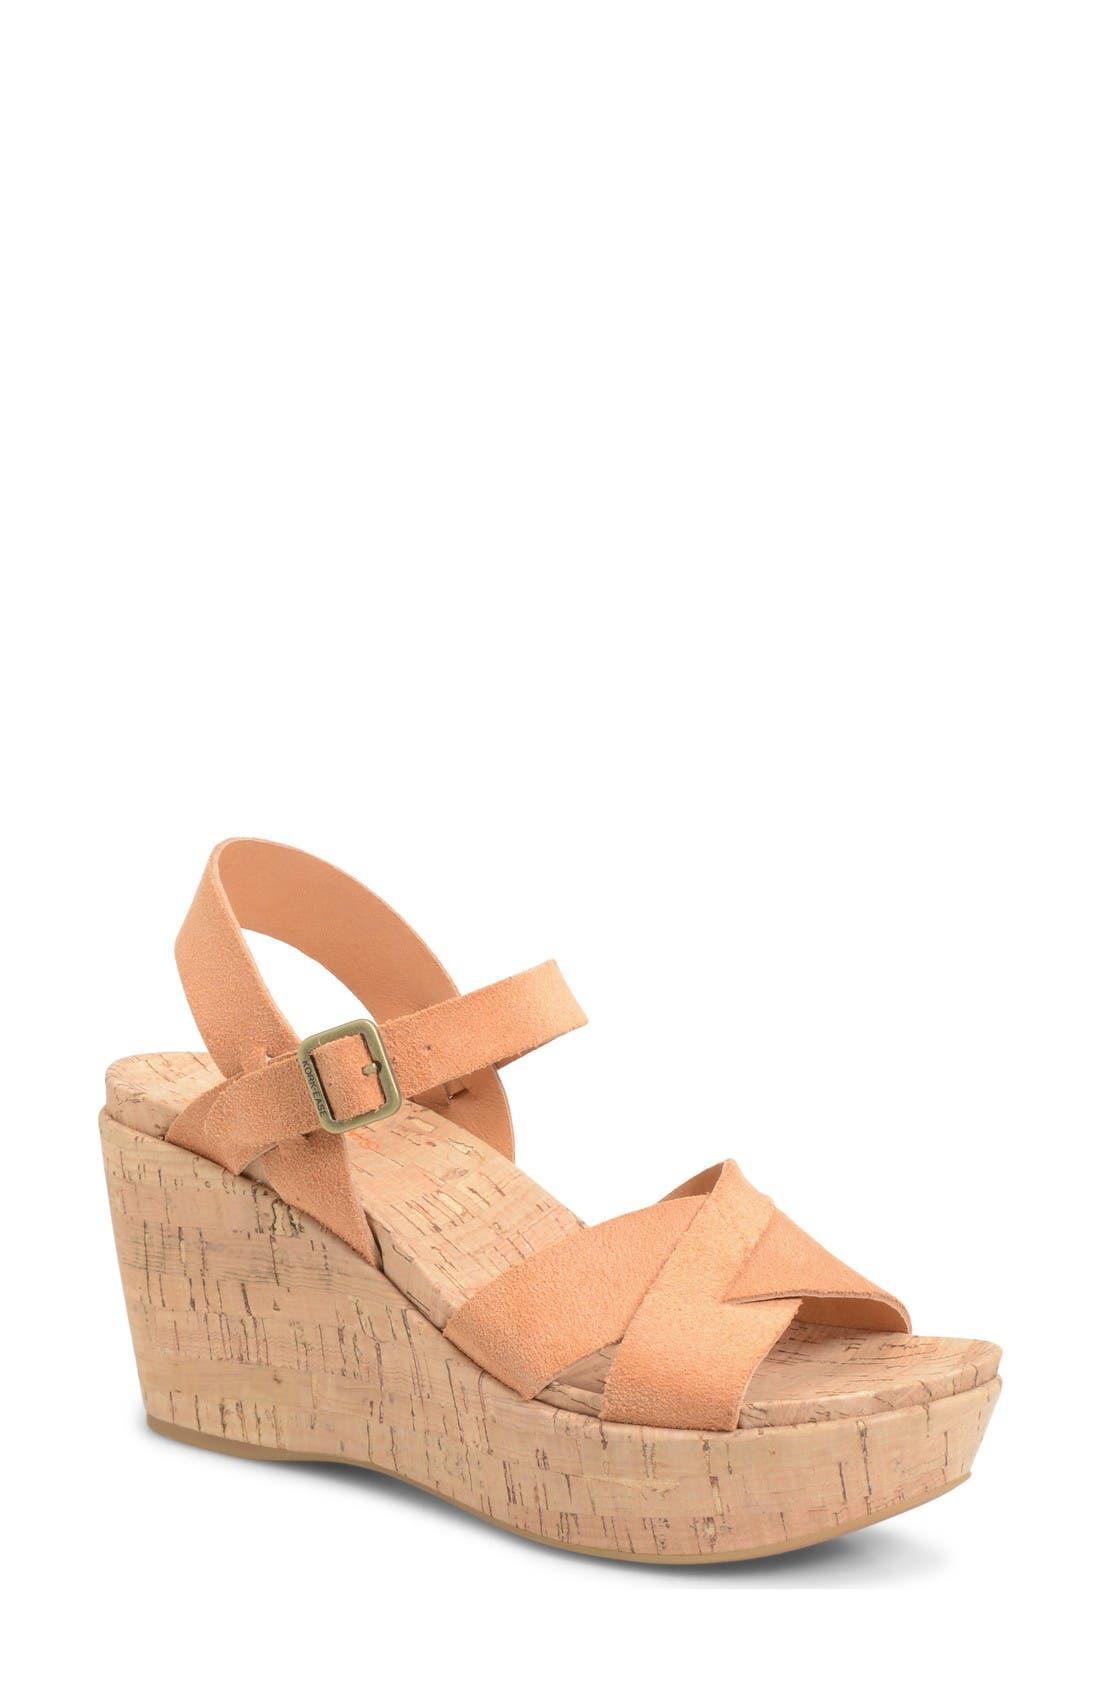 Main Image - Kork-Ease® 'Ava 2.0' Platform Wedge Sandal (Women)